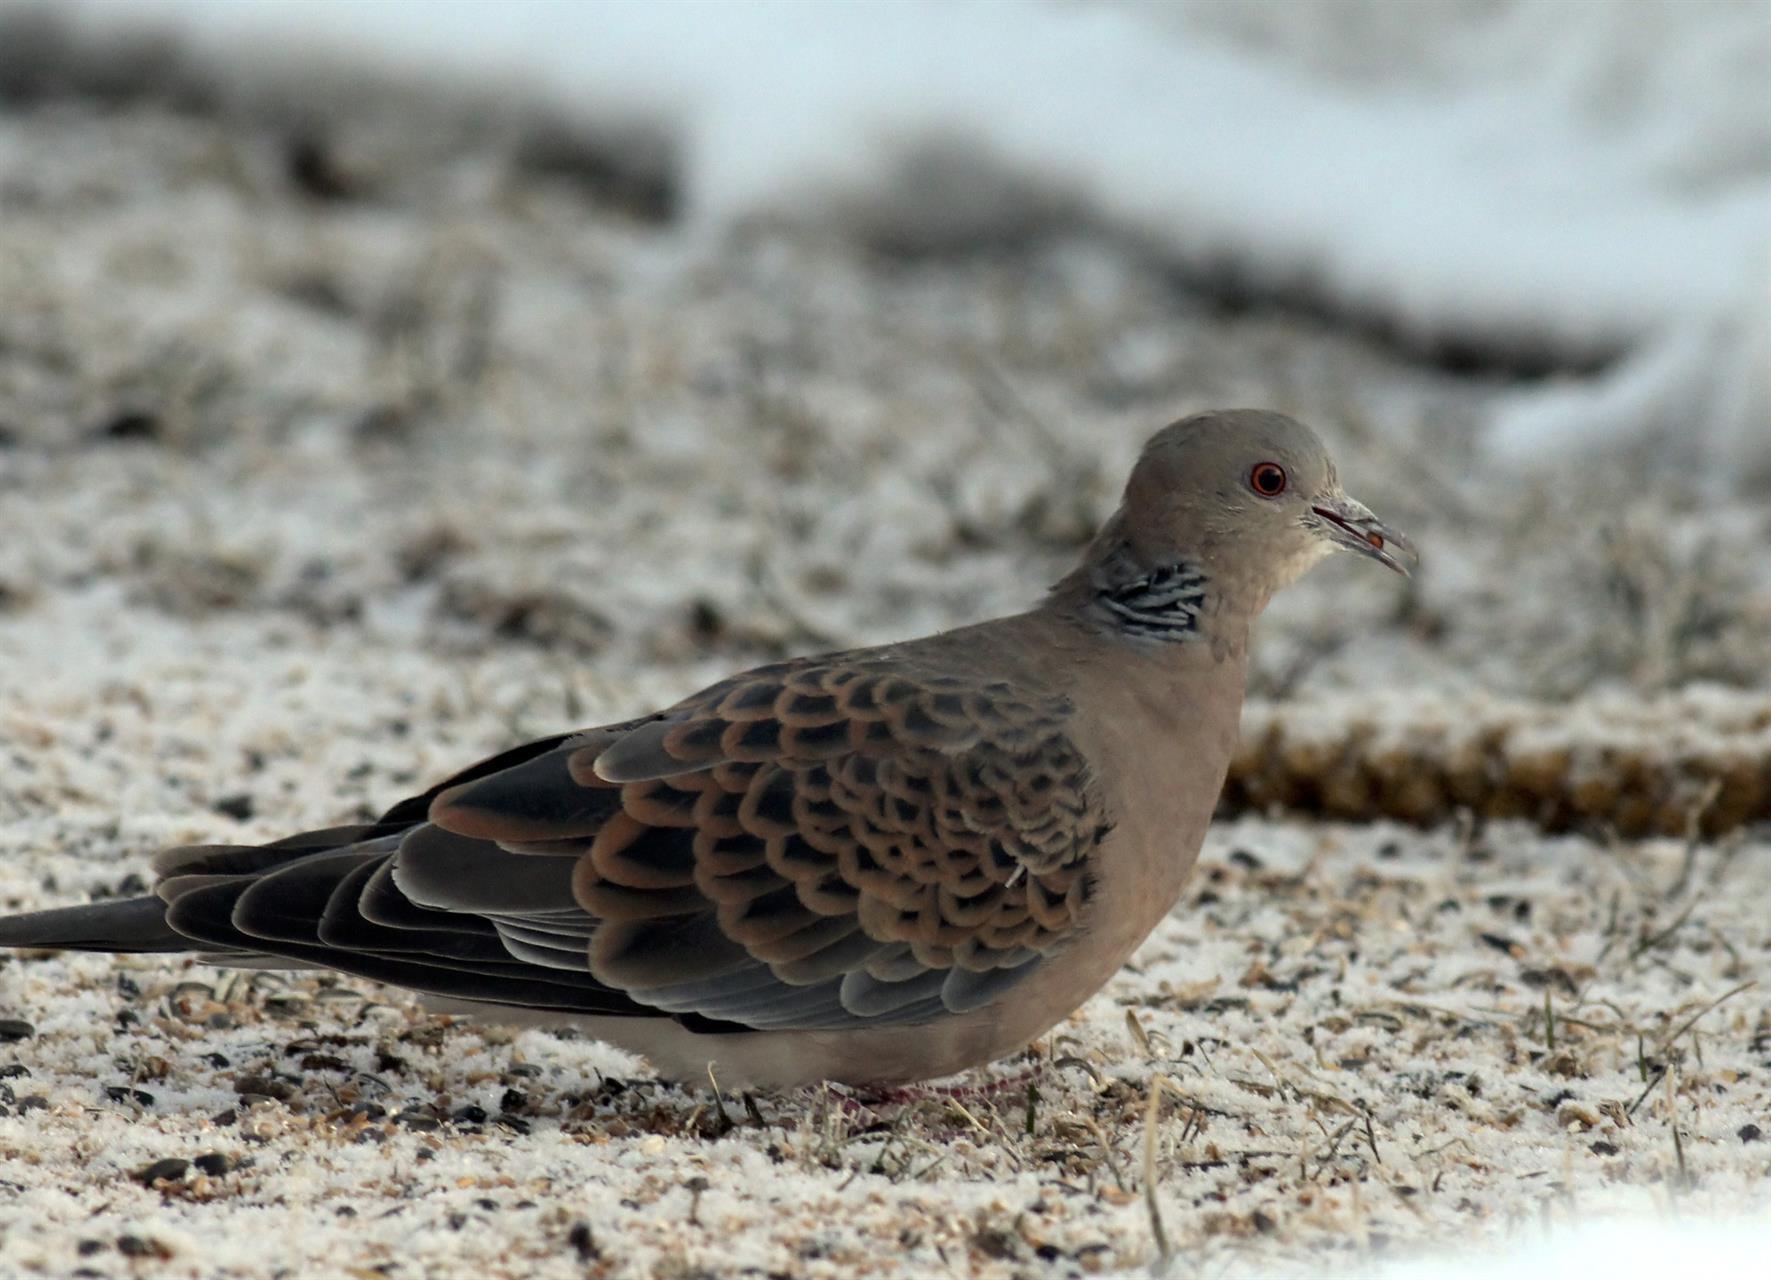 Större turturduva på fågelmatning